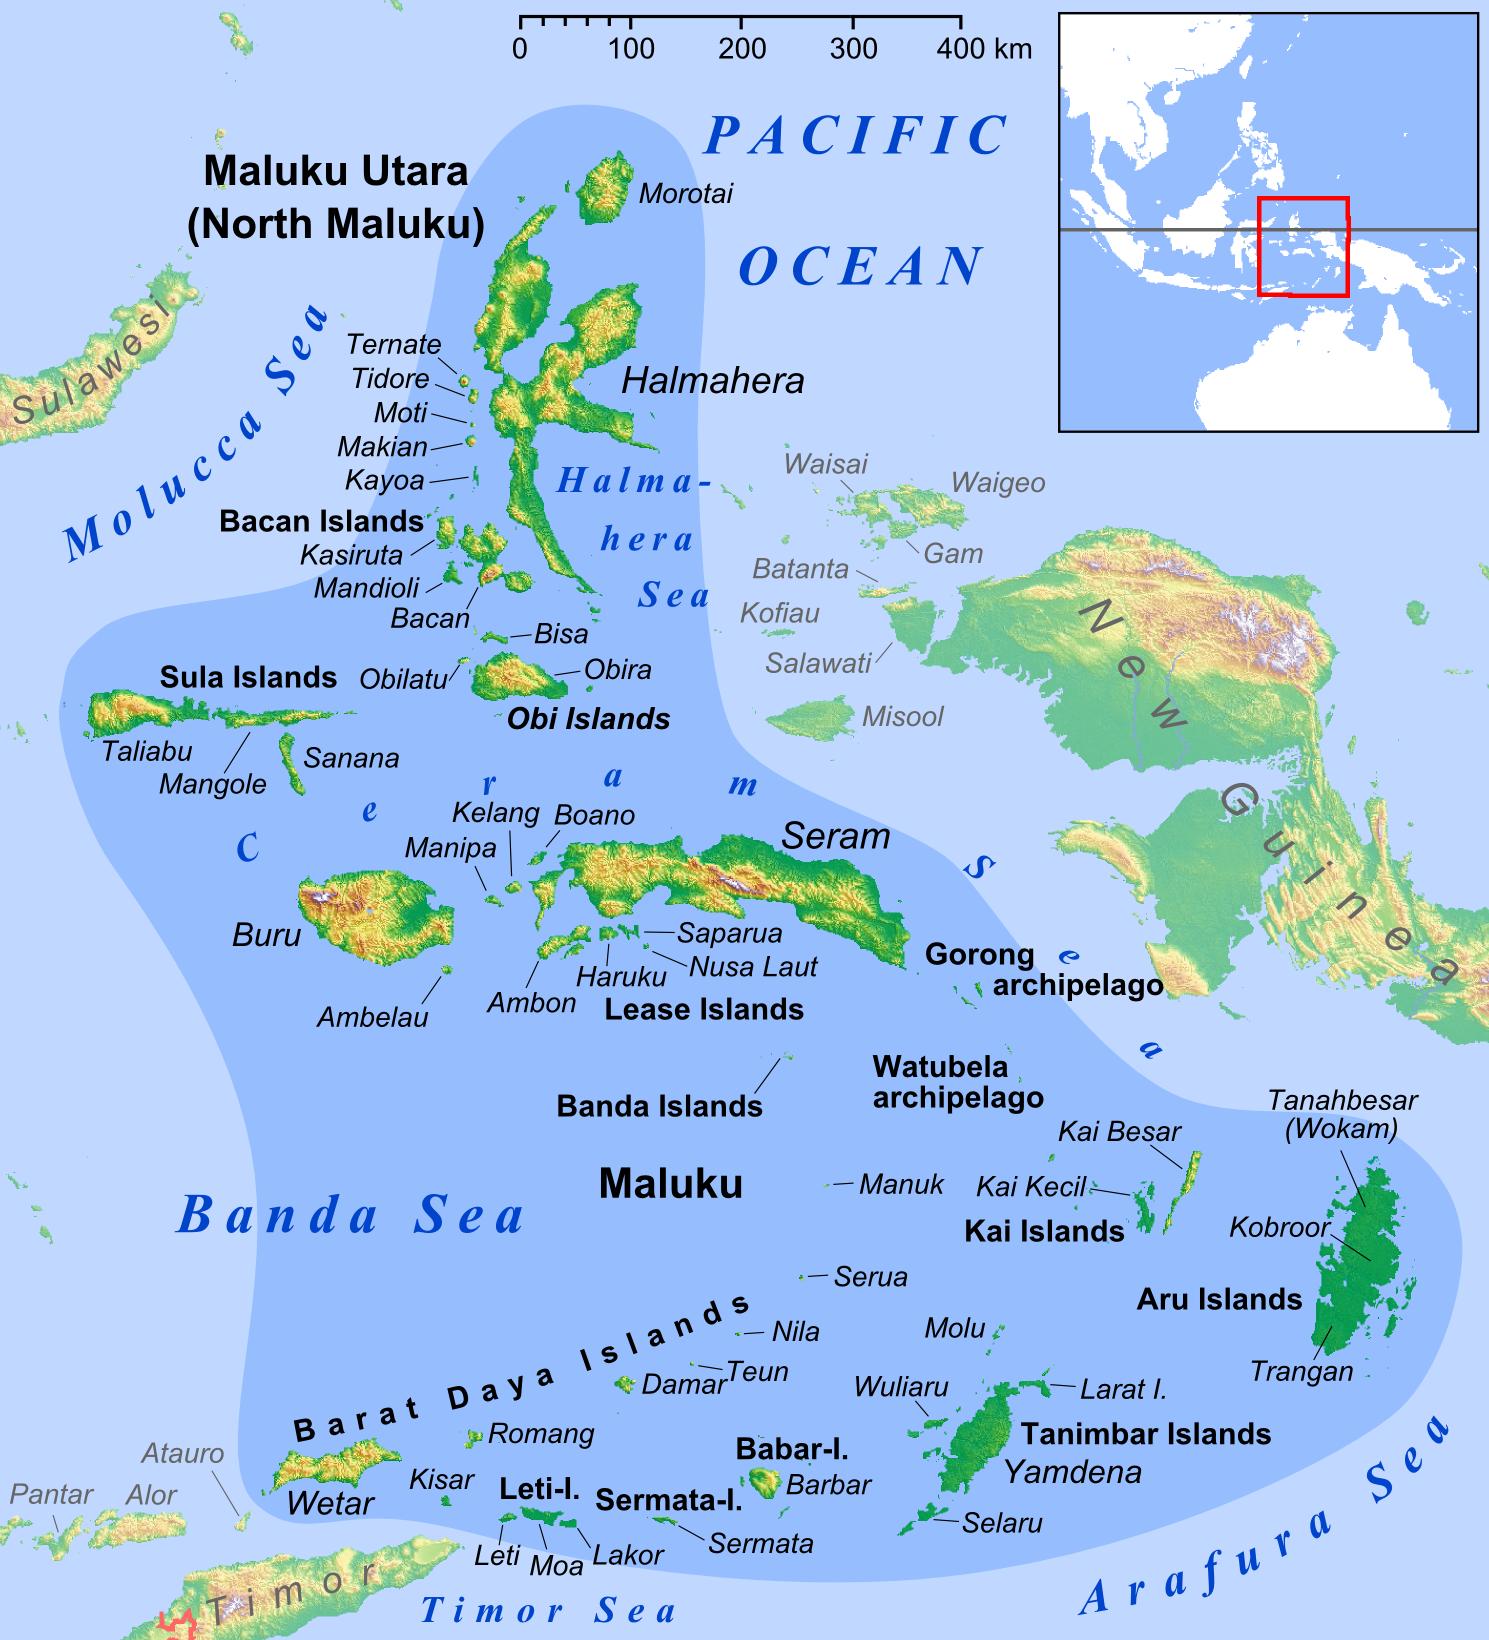 Nama Kabupaten Dan Kota Di Kepulauan Maluku Berjumlah 21 Kabupaten Kota Kissparry